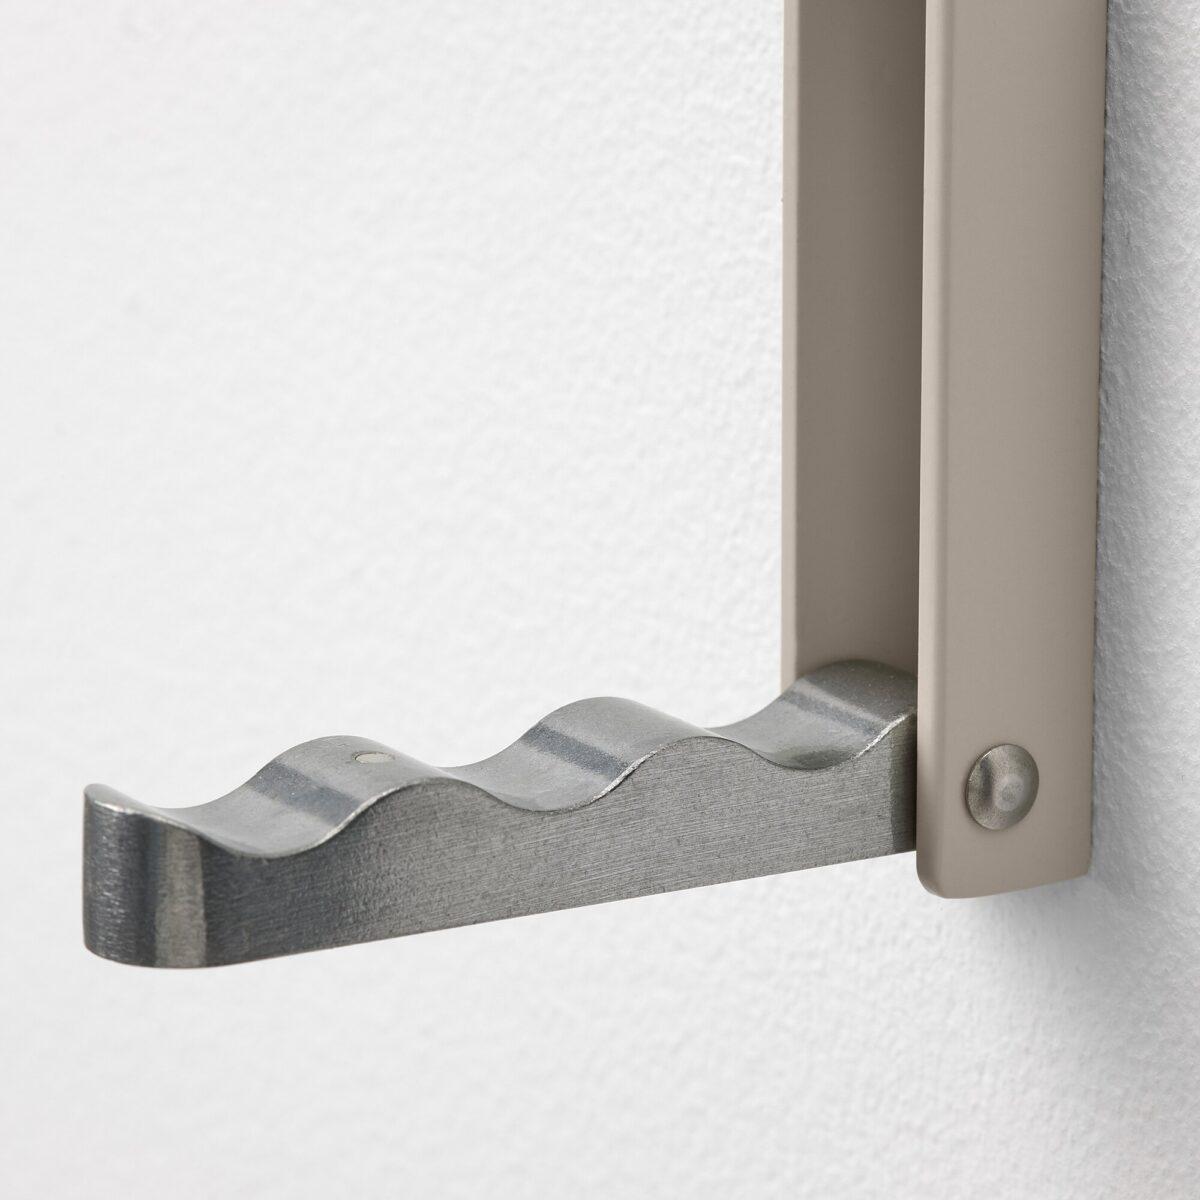 ikea-klyket-gancio-pieghevole-alluminio-beige